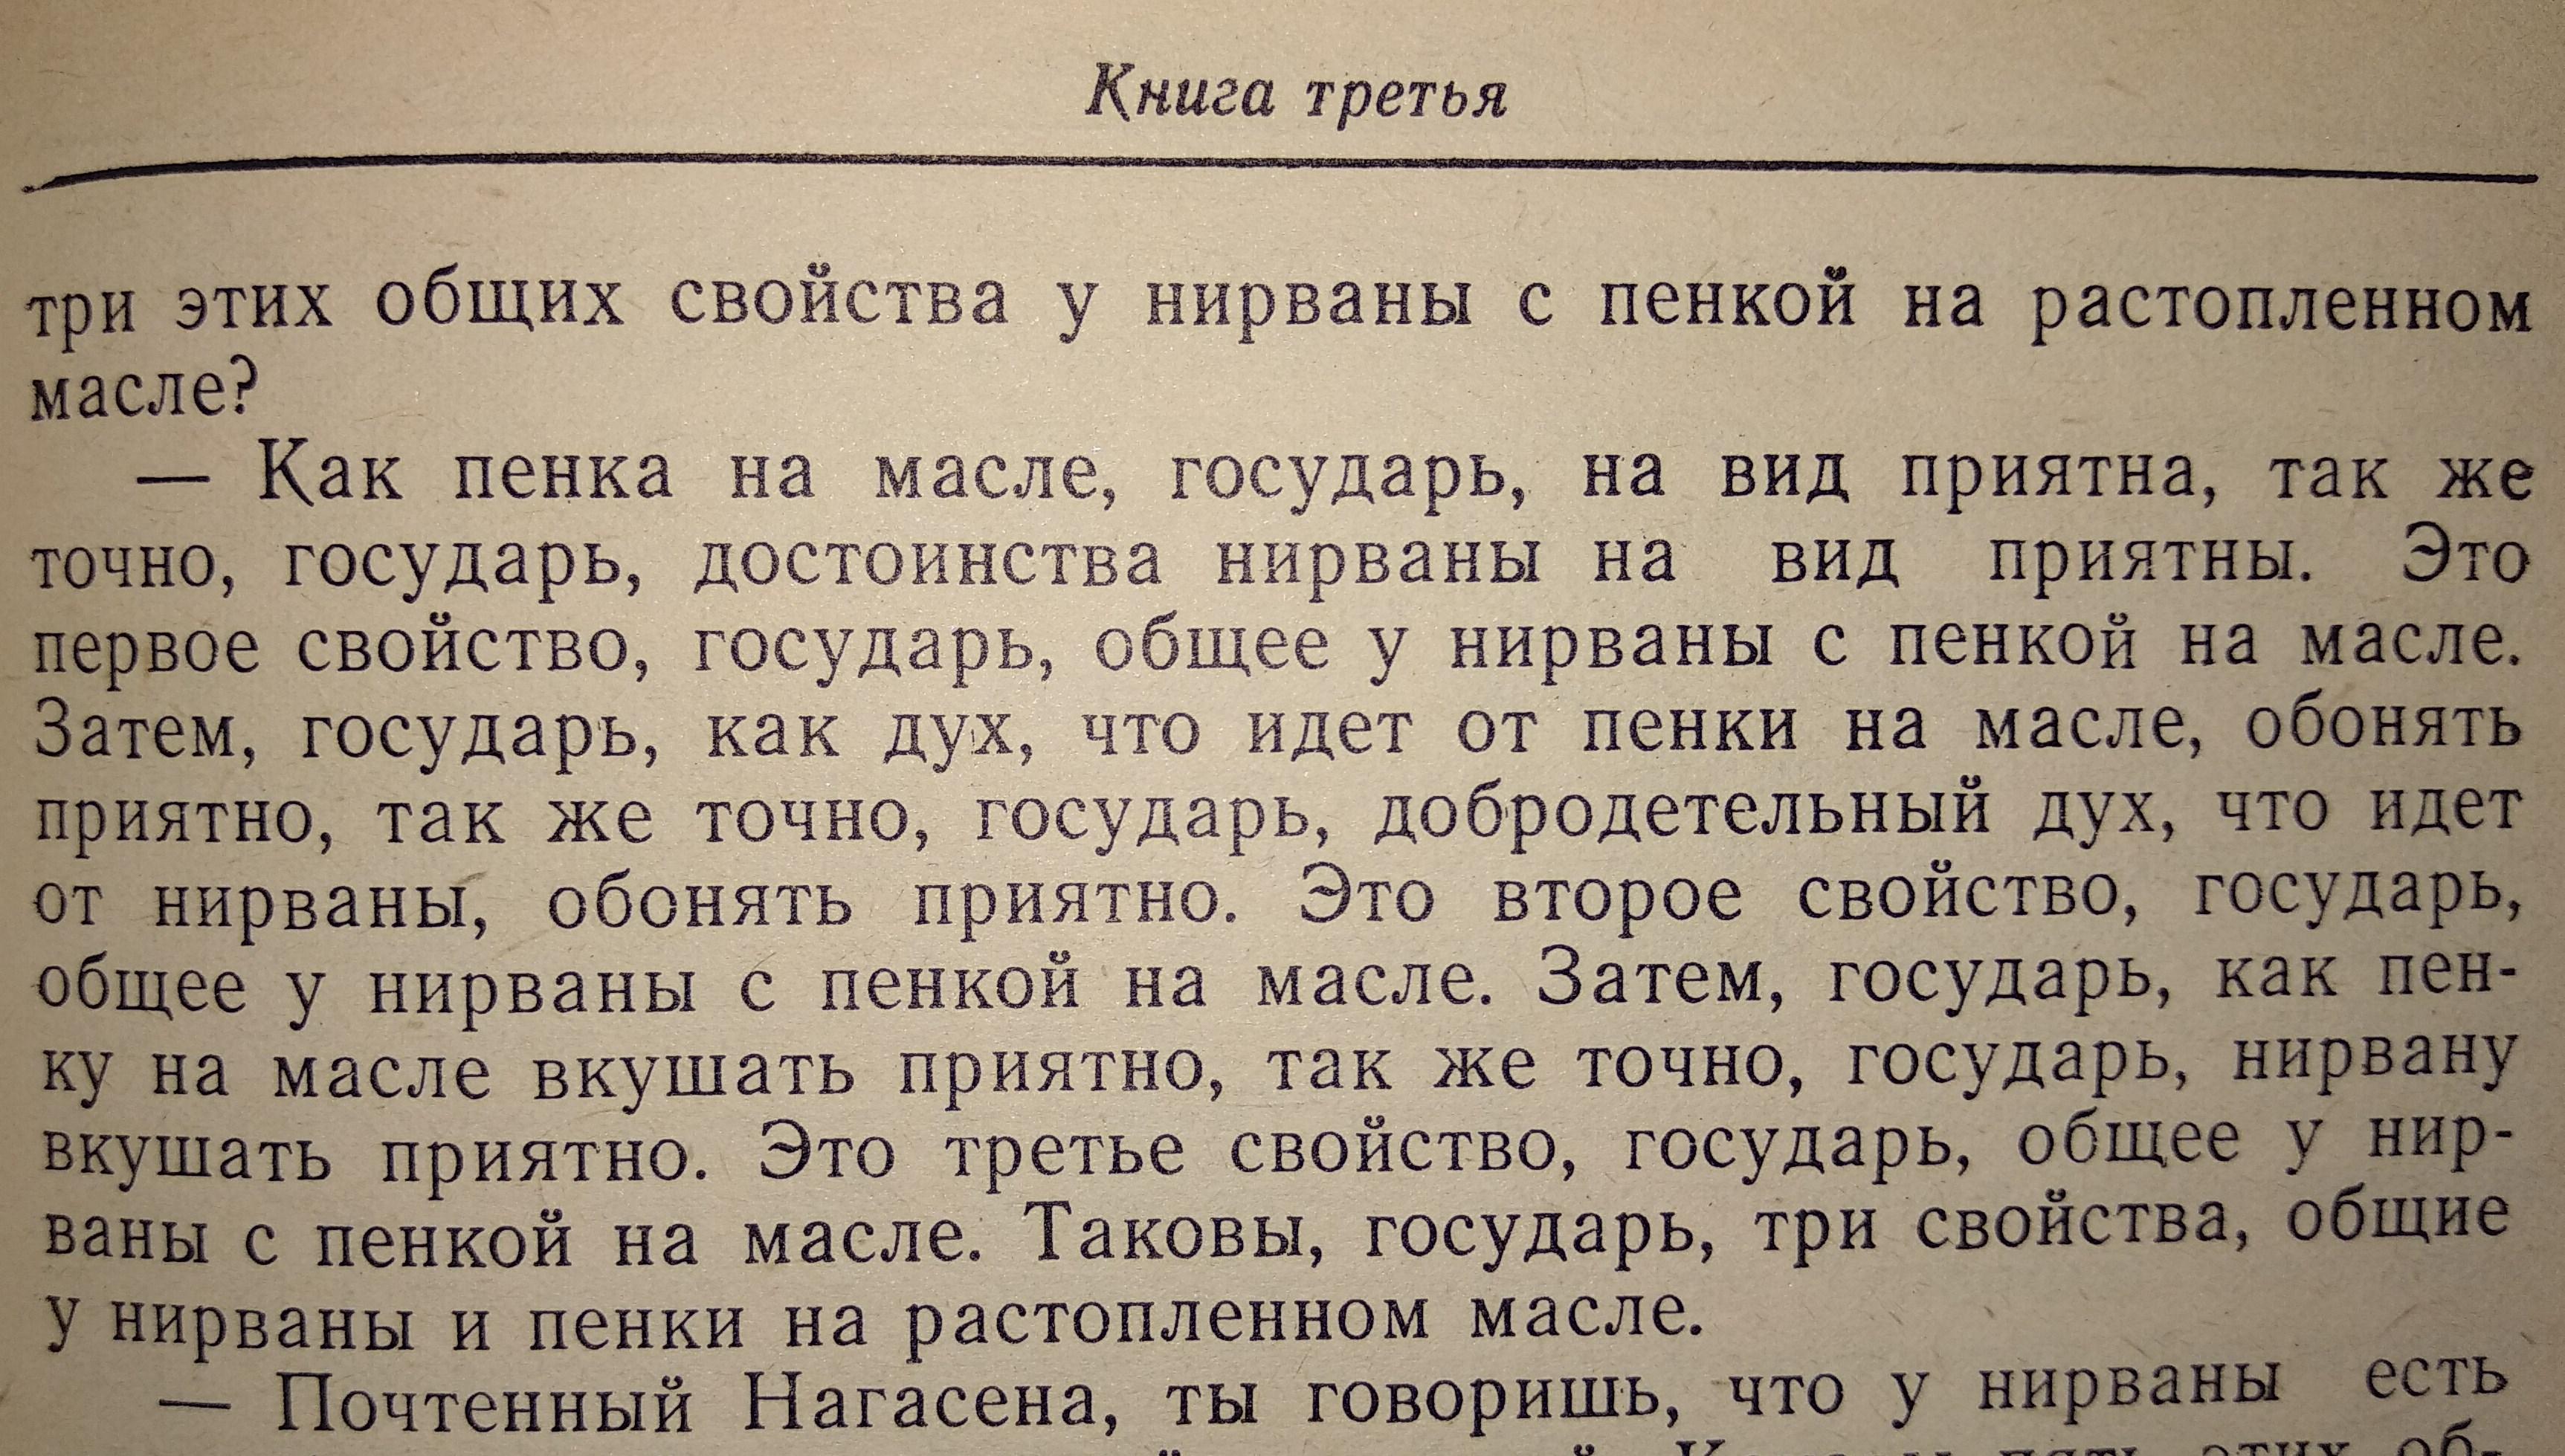 нирвана_и_пенка